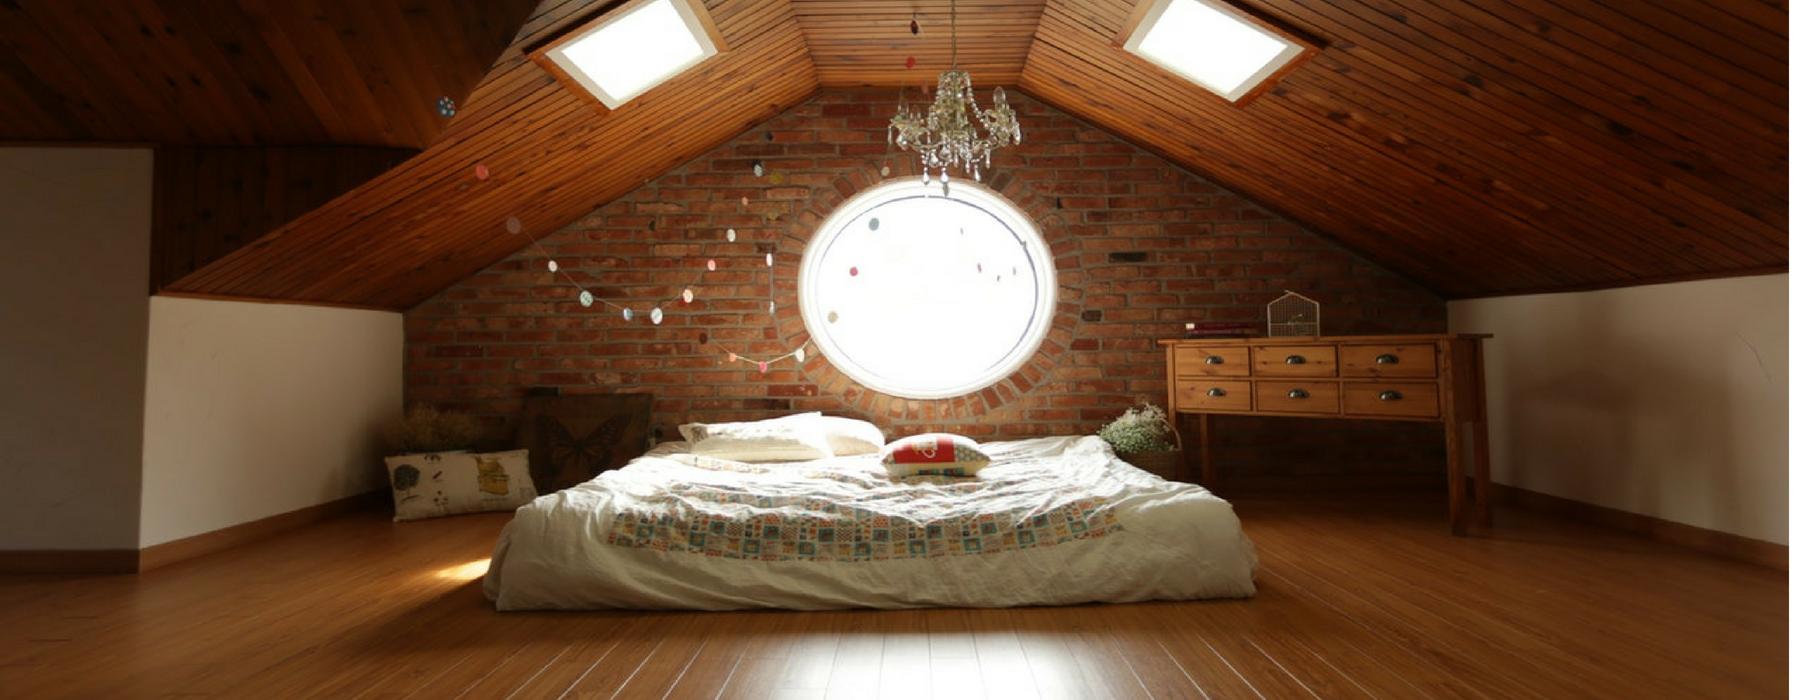 איך לבחור את סגנון חדר השינה header